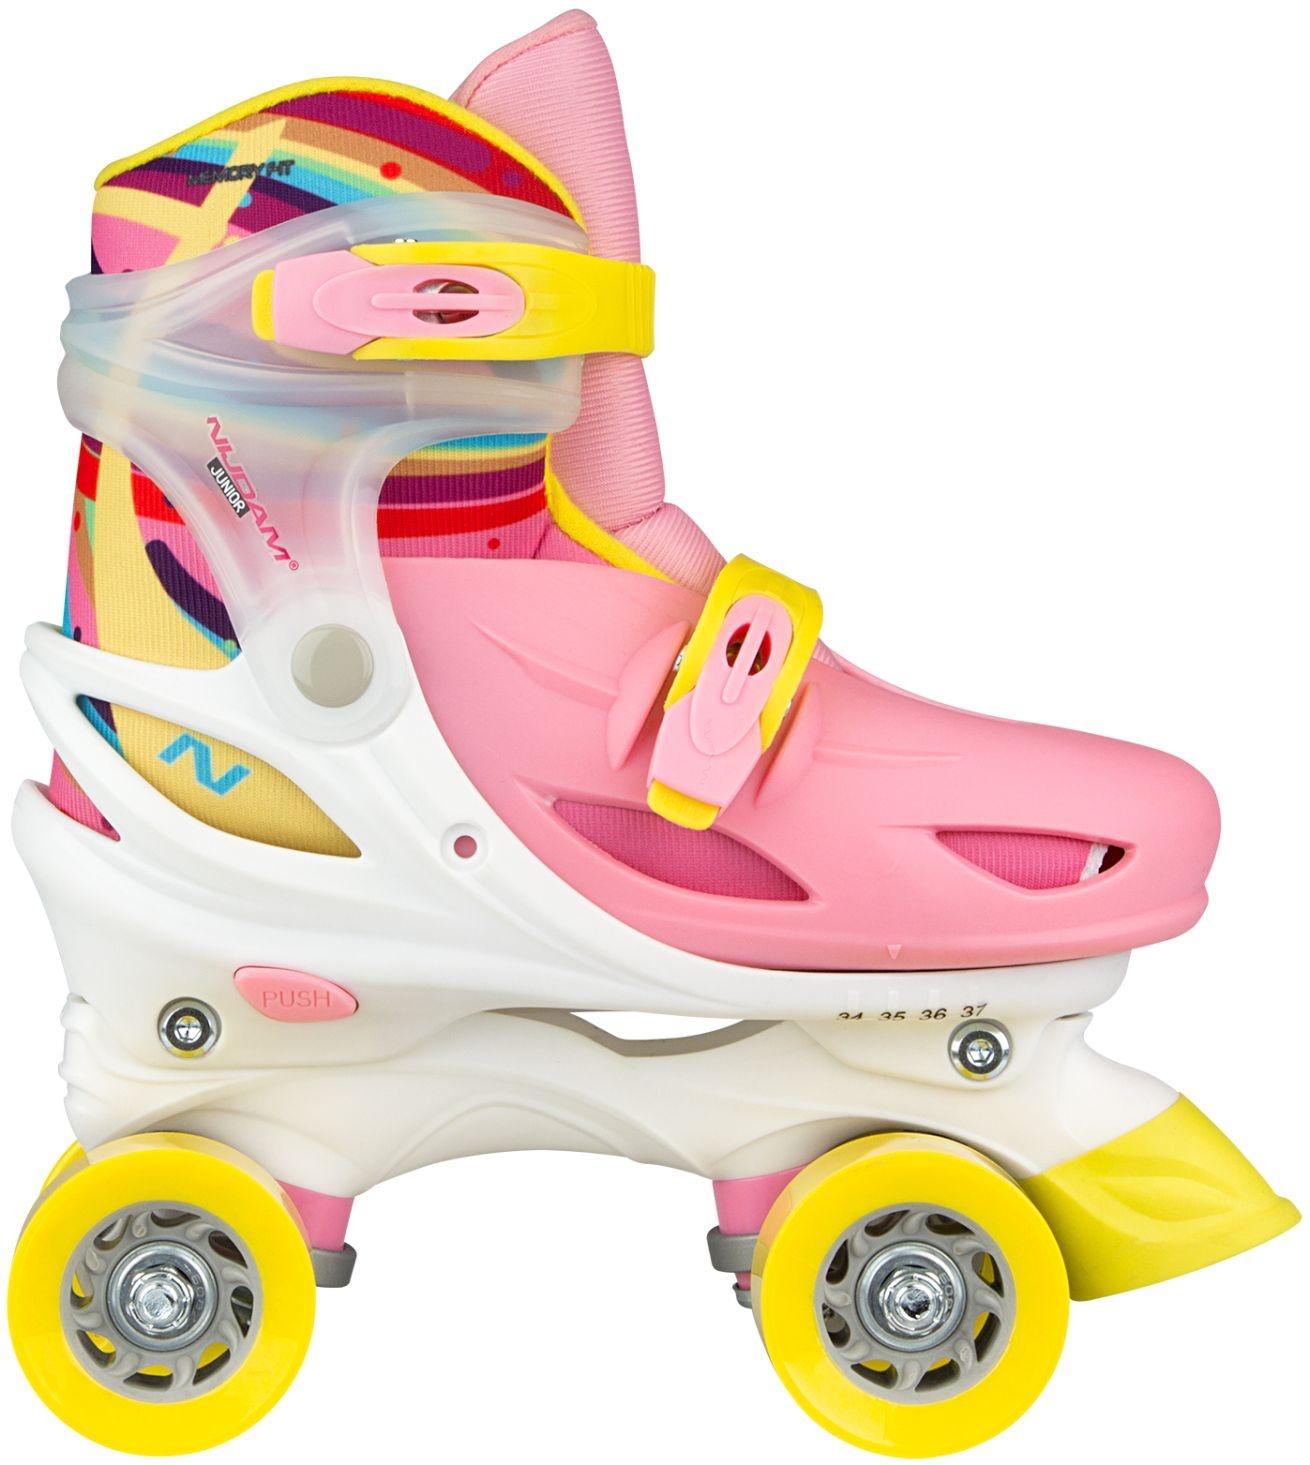 51056a58b09 Nijdam roller skates Rainbow Rolleradjustable pink - Internet ...